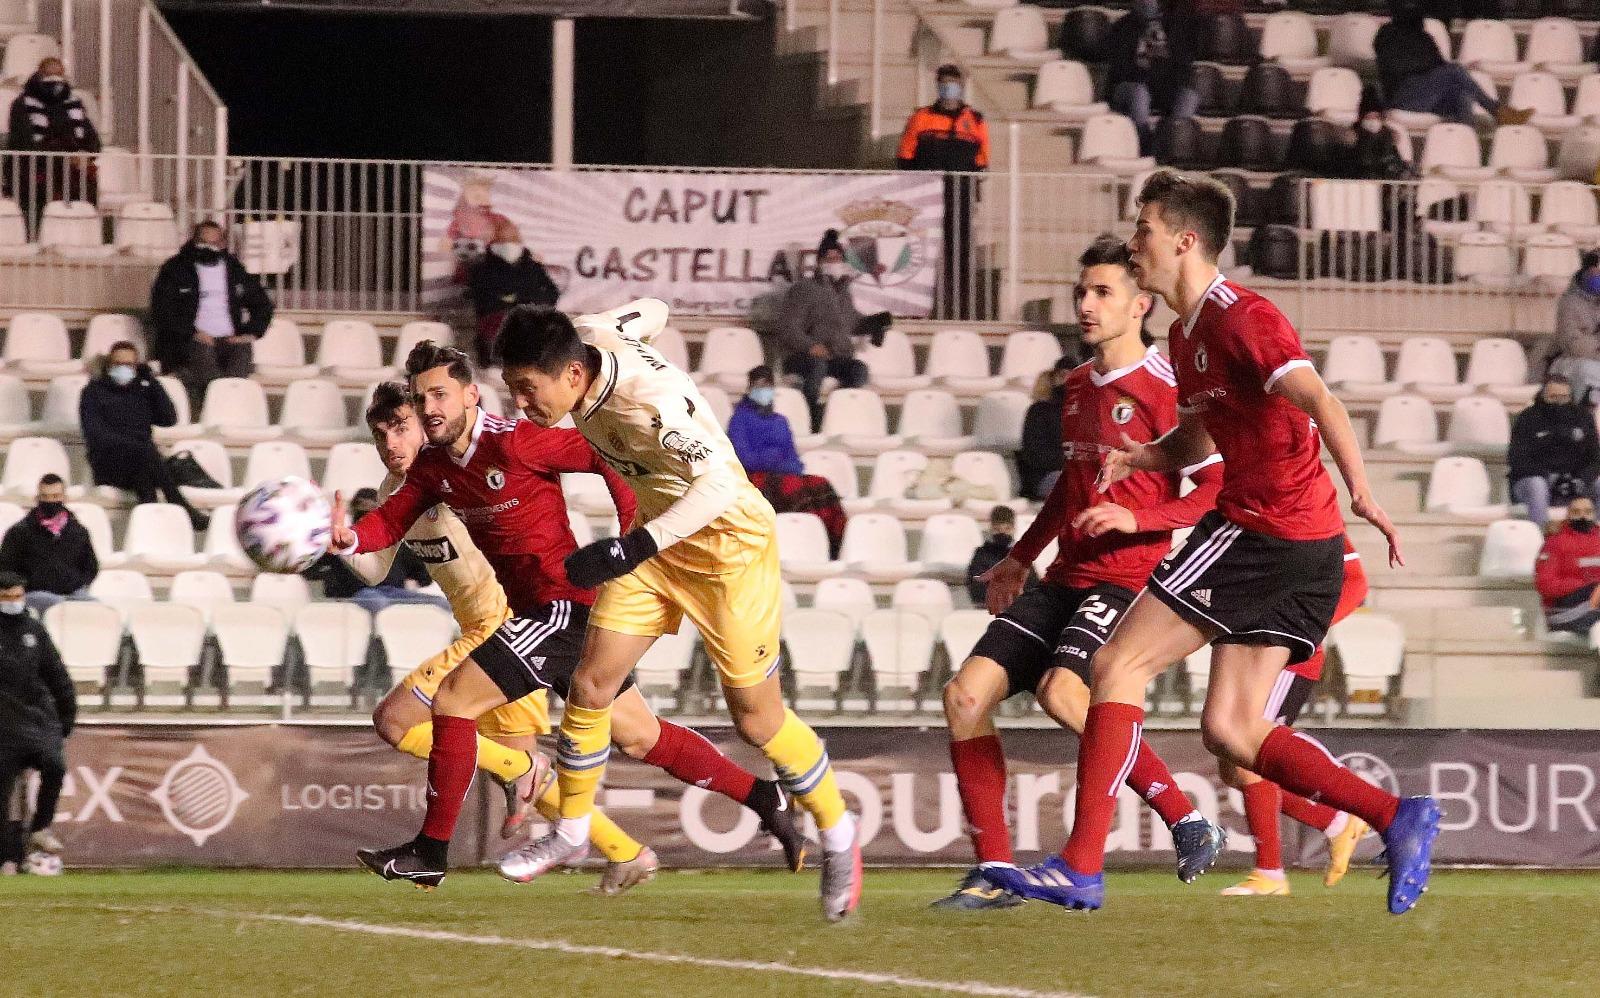 武磊用进球帮助西班牙人打败布尔戈斯晋级国王杯第三轮